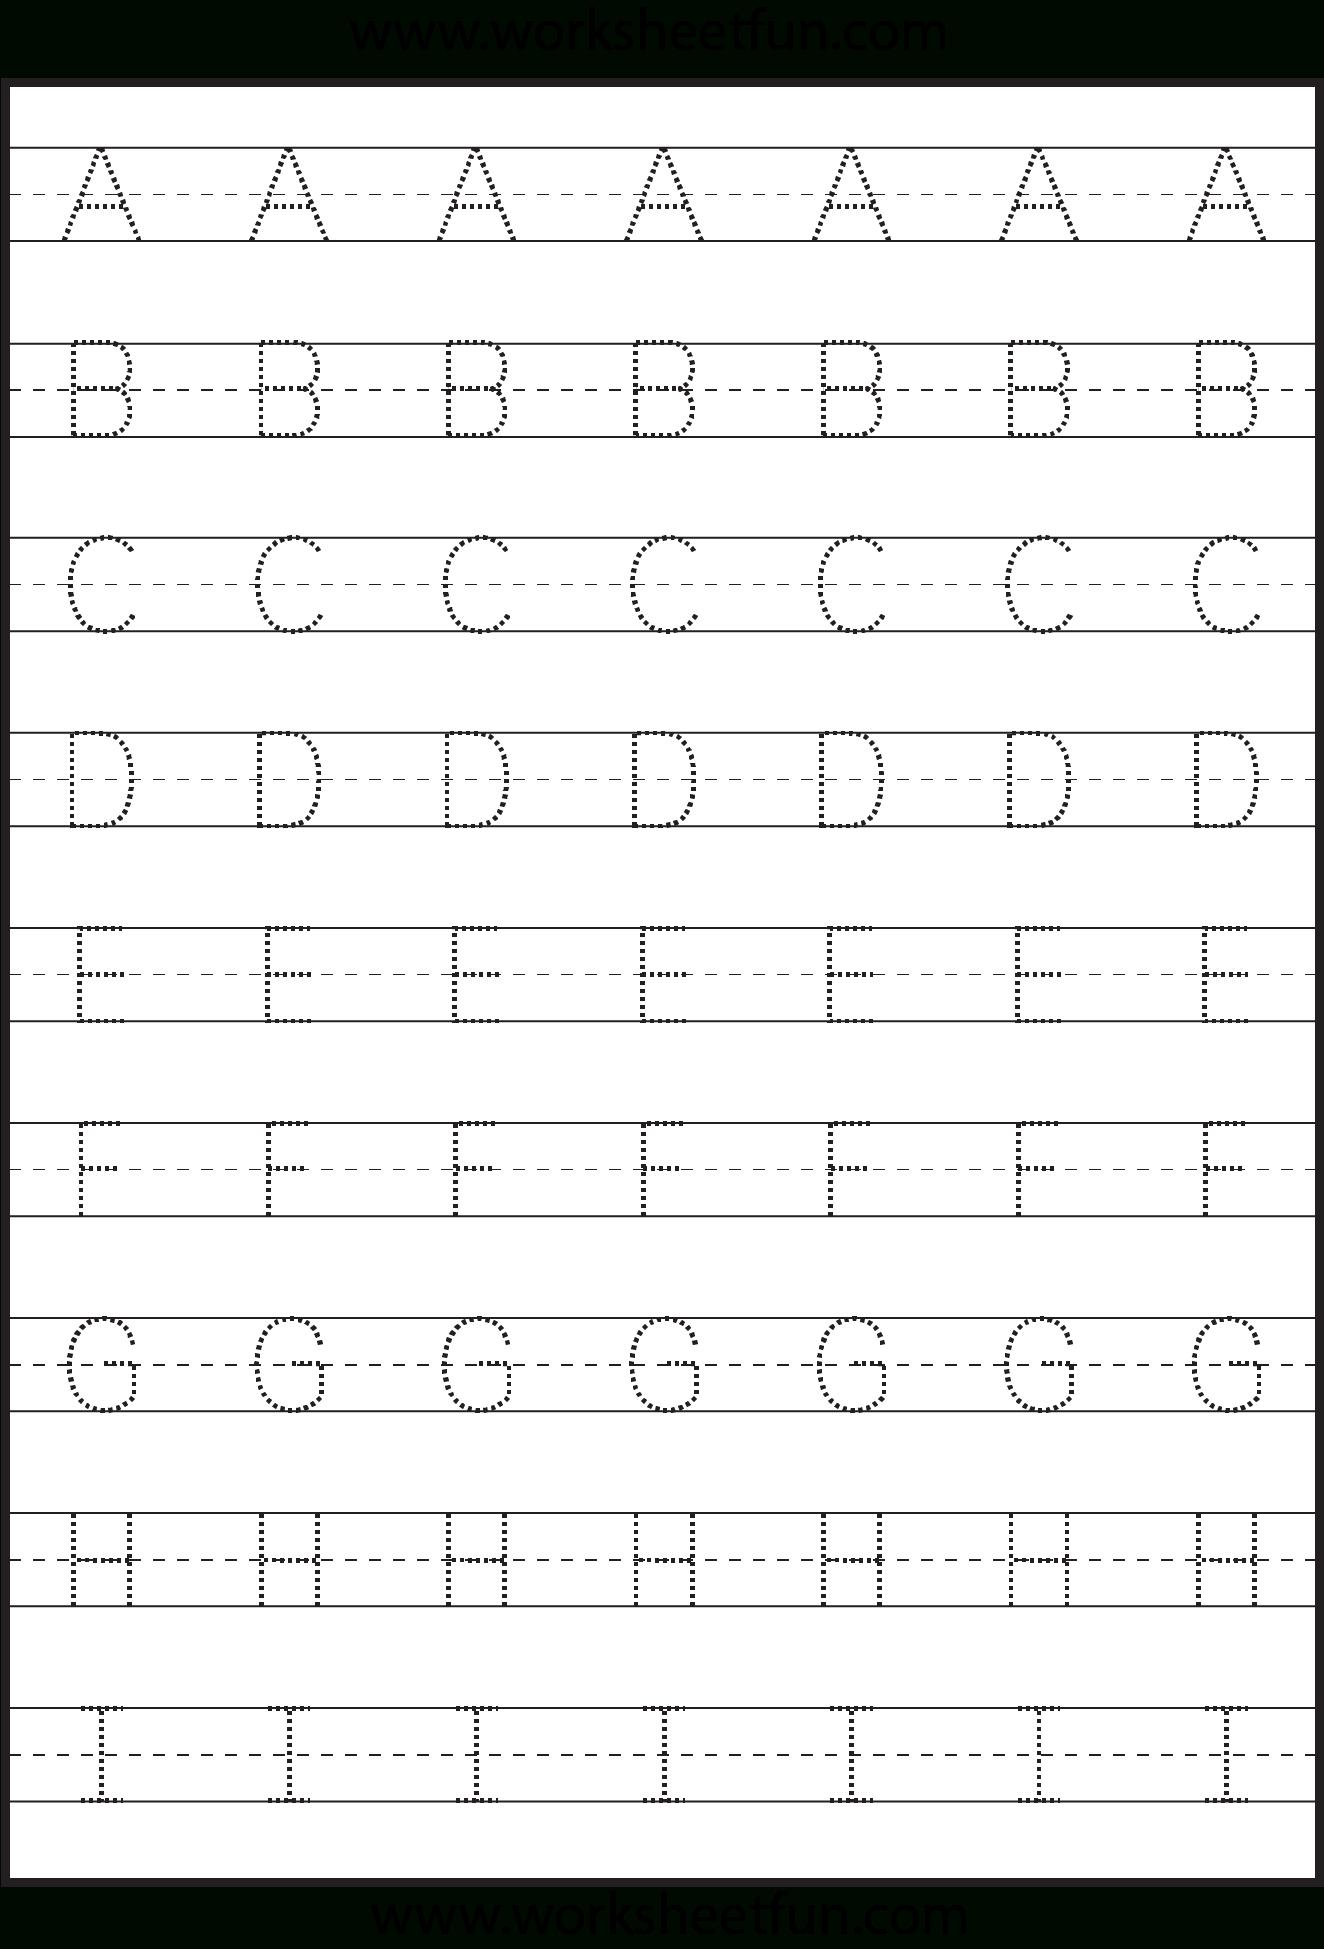 Letter Tracing - 3 Worksheets | Kids Math Worksheets in Tracing Letters Worksheets For Kindergarten